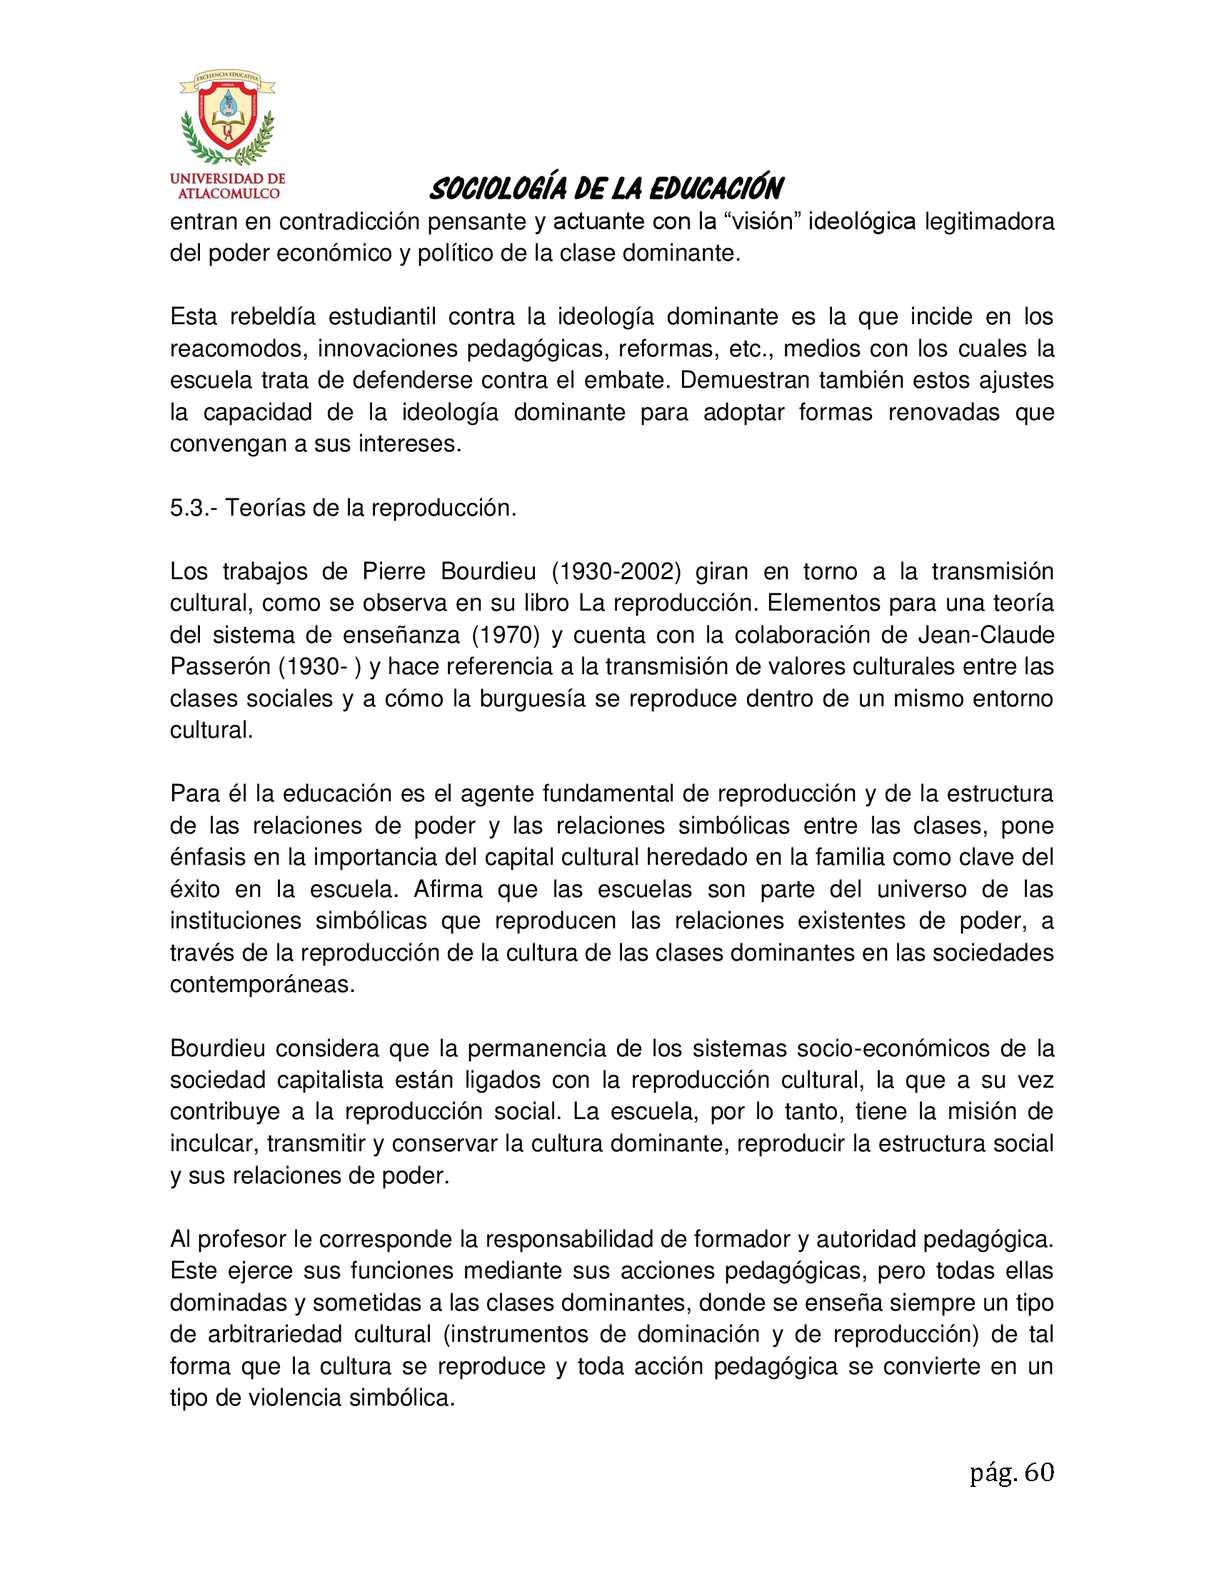 Antología De Sociología De La Educación Calameo Downloader